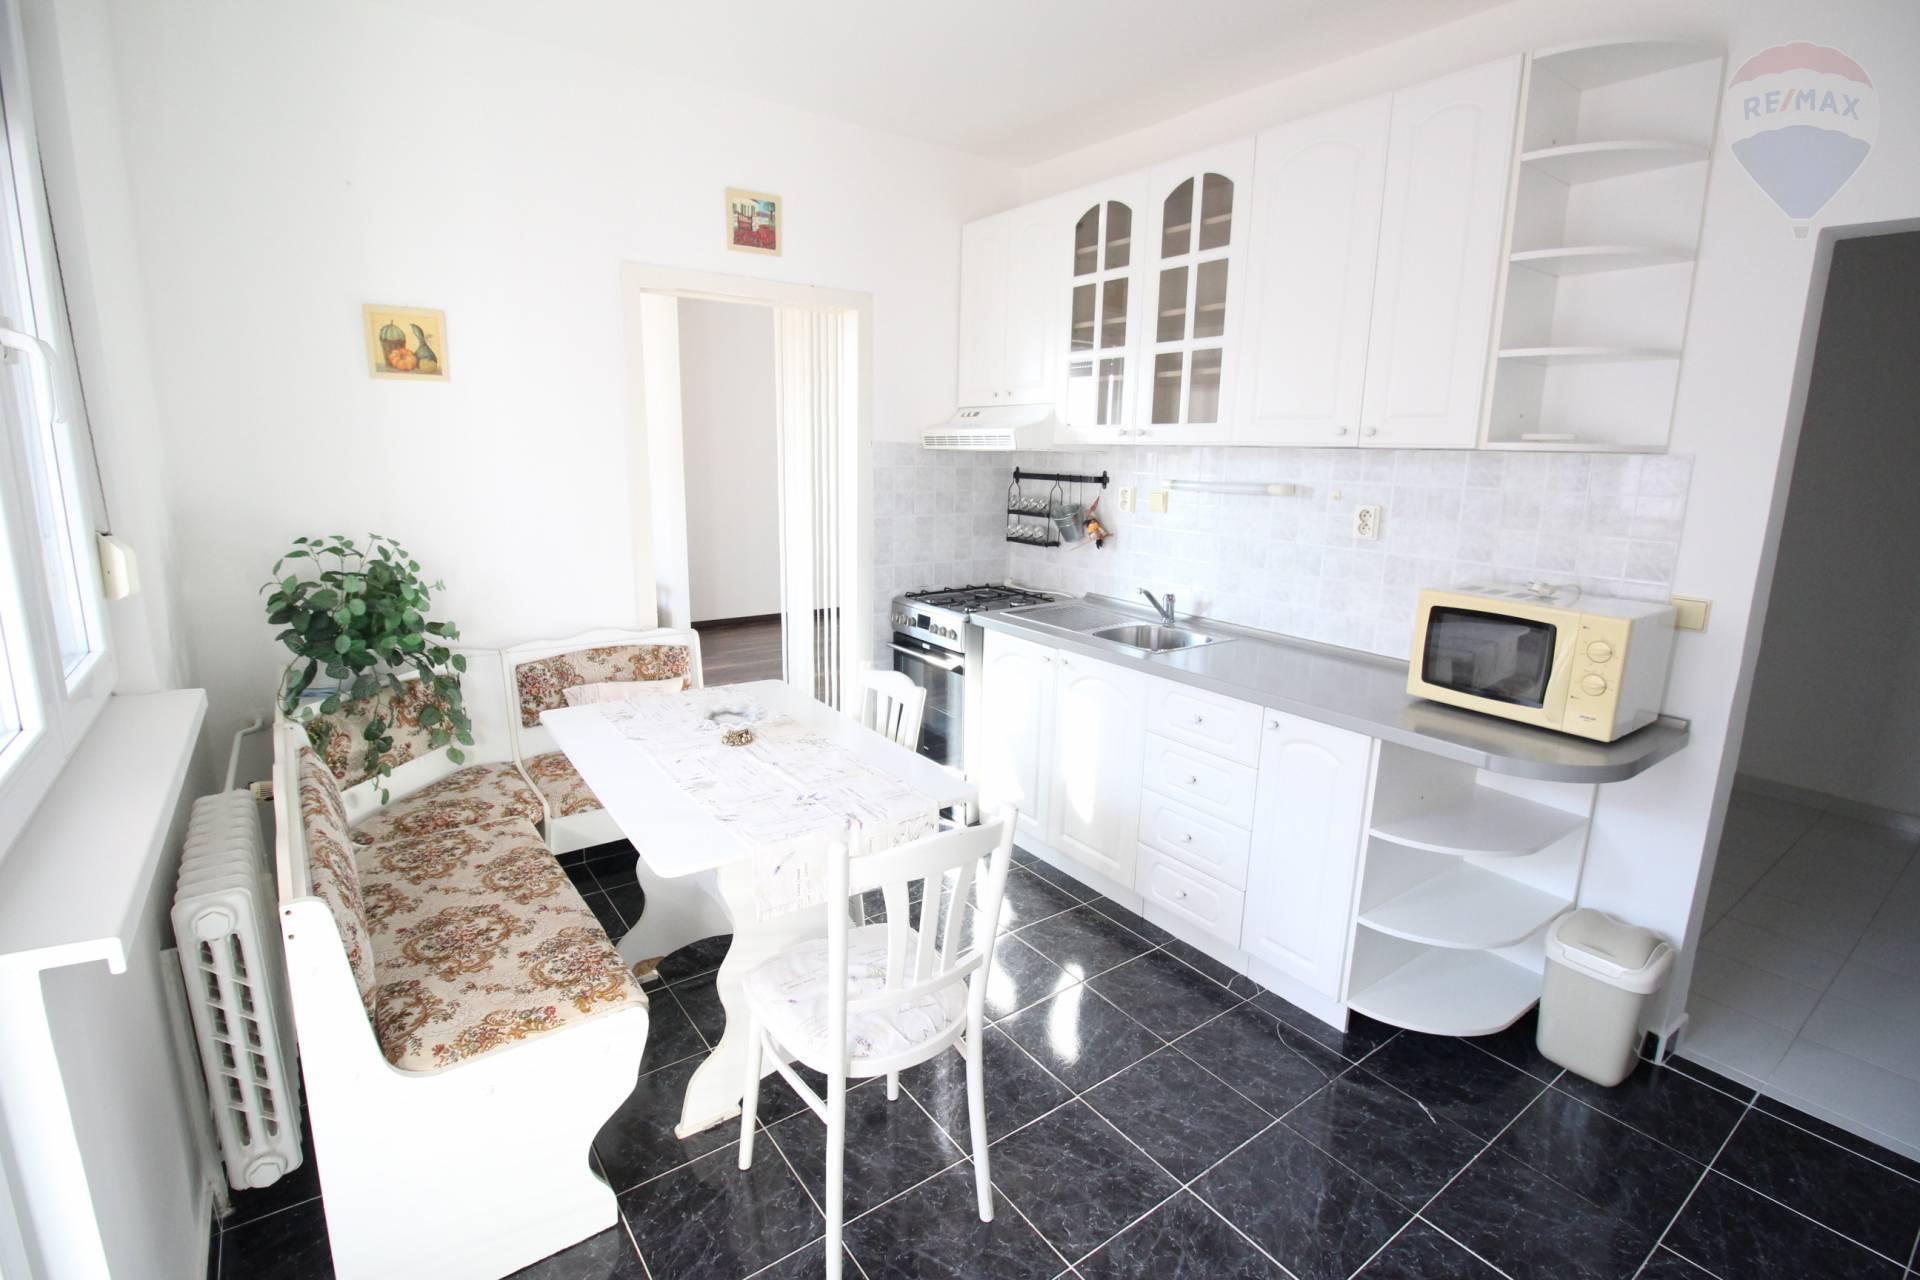 Predaj: 1 izbový byt s loggiou, sídl. Nová Ves, Dunajská Streda